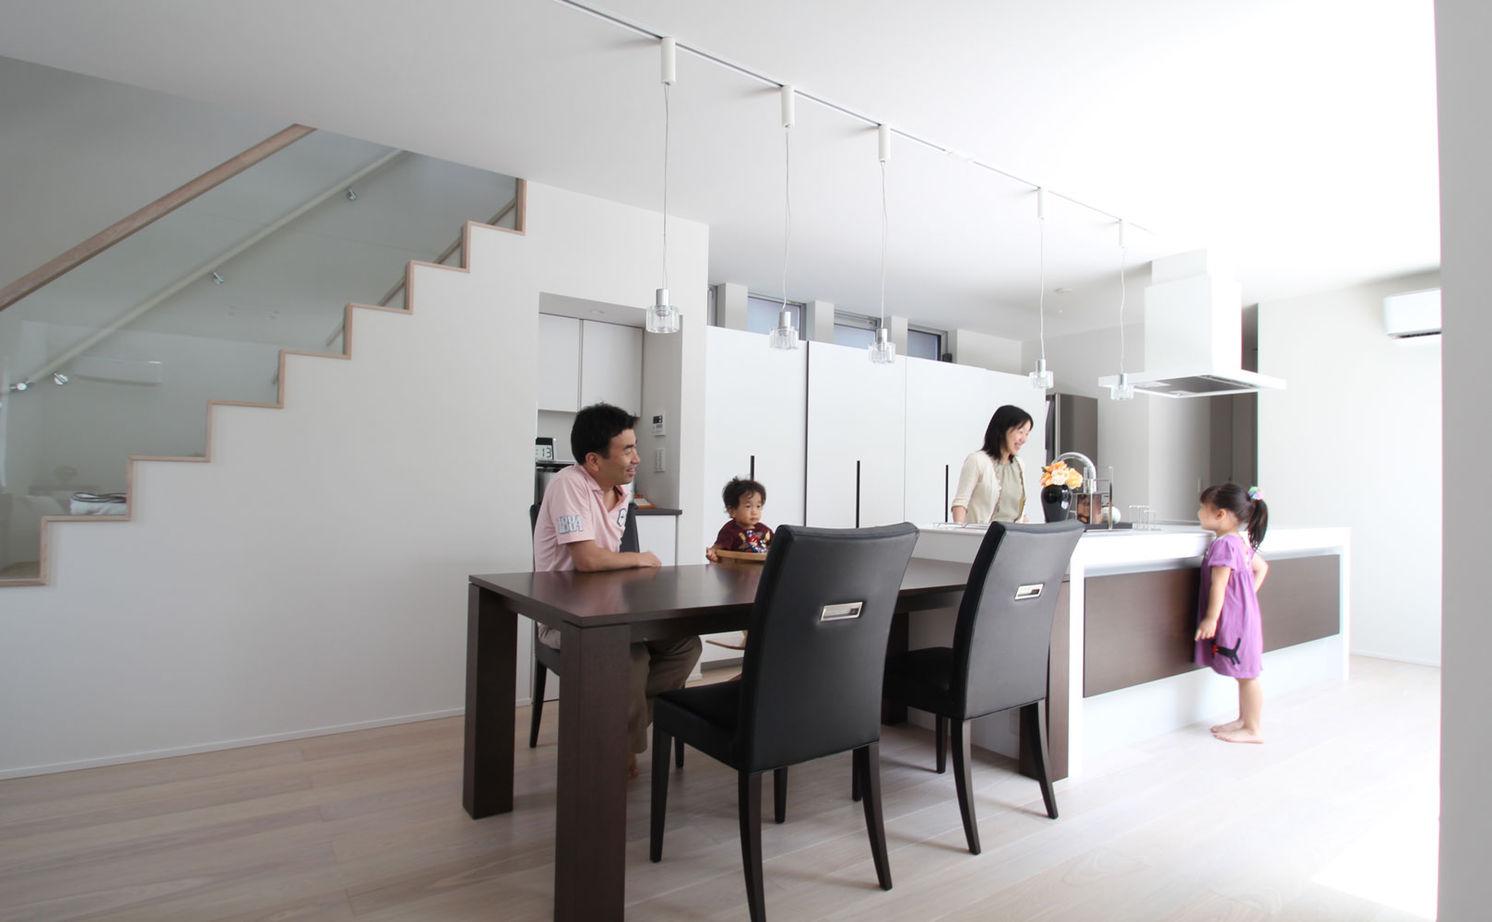 【2900万円/中庭】中庭を通して視線が繋がる インナーガレージのある家画像3